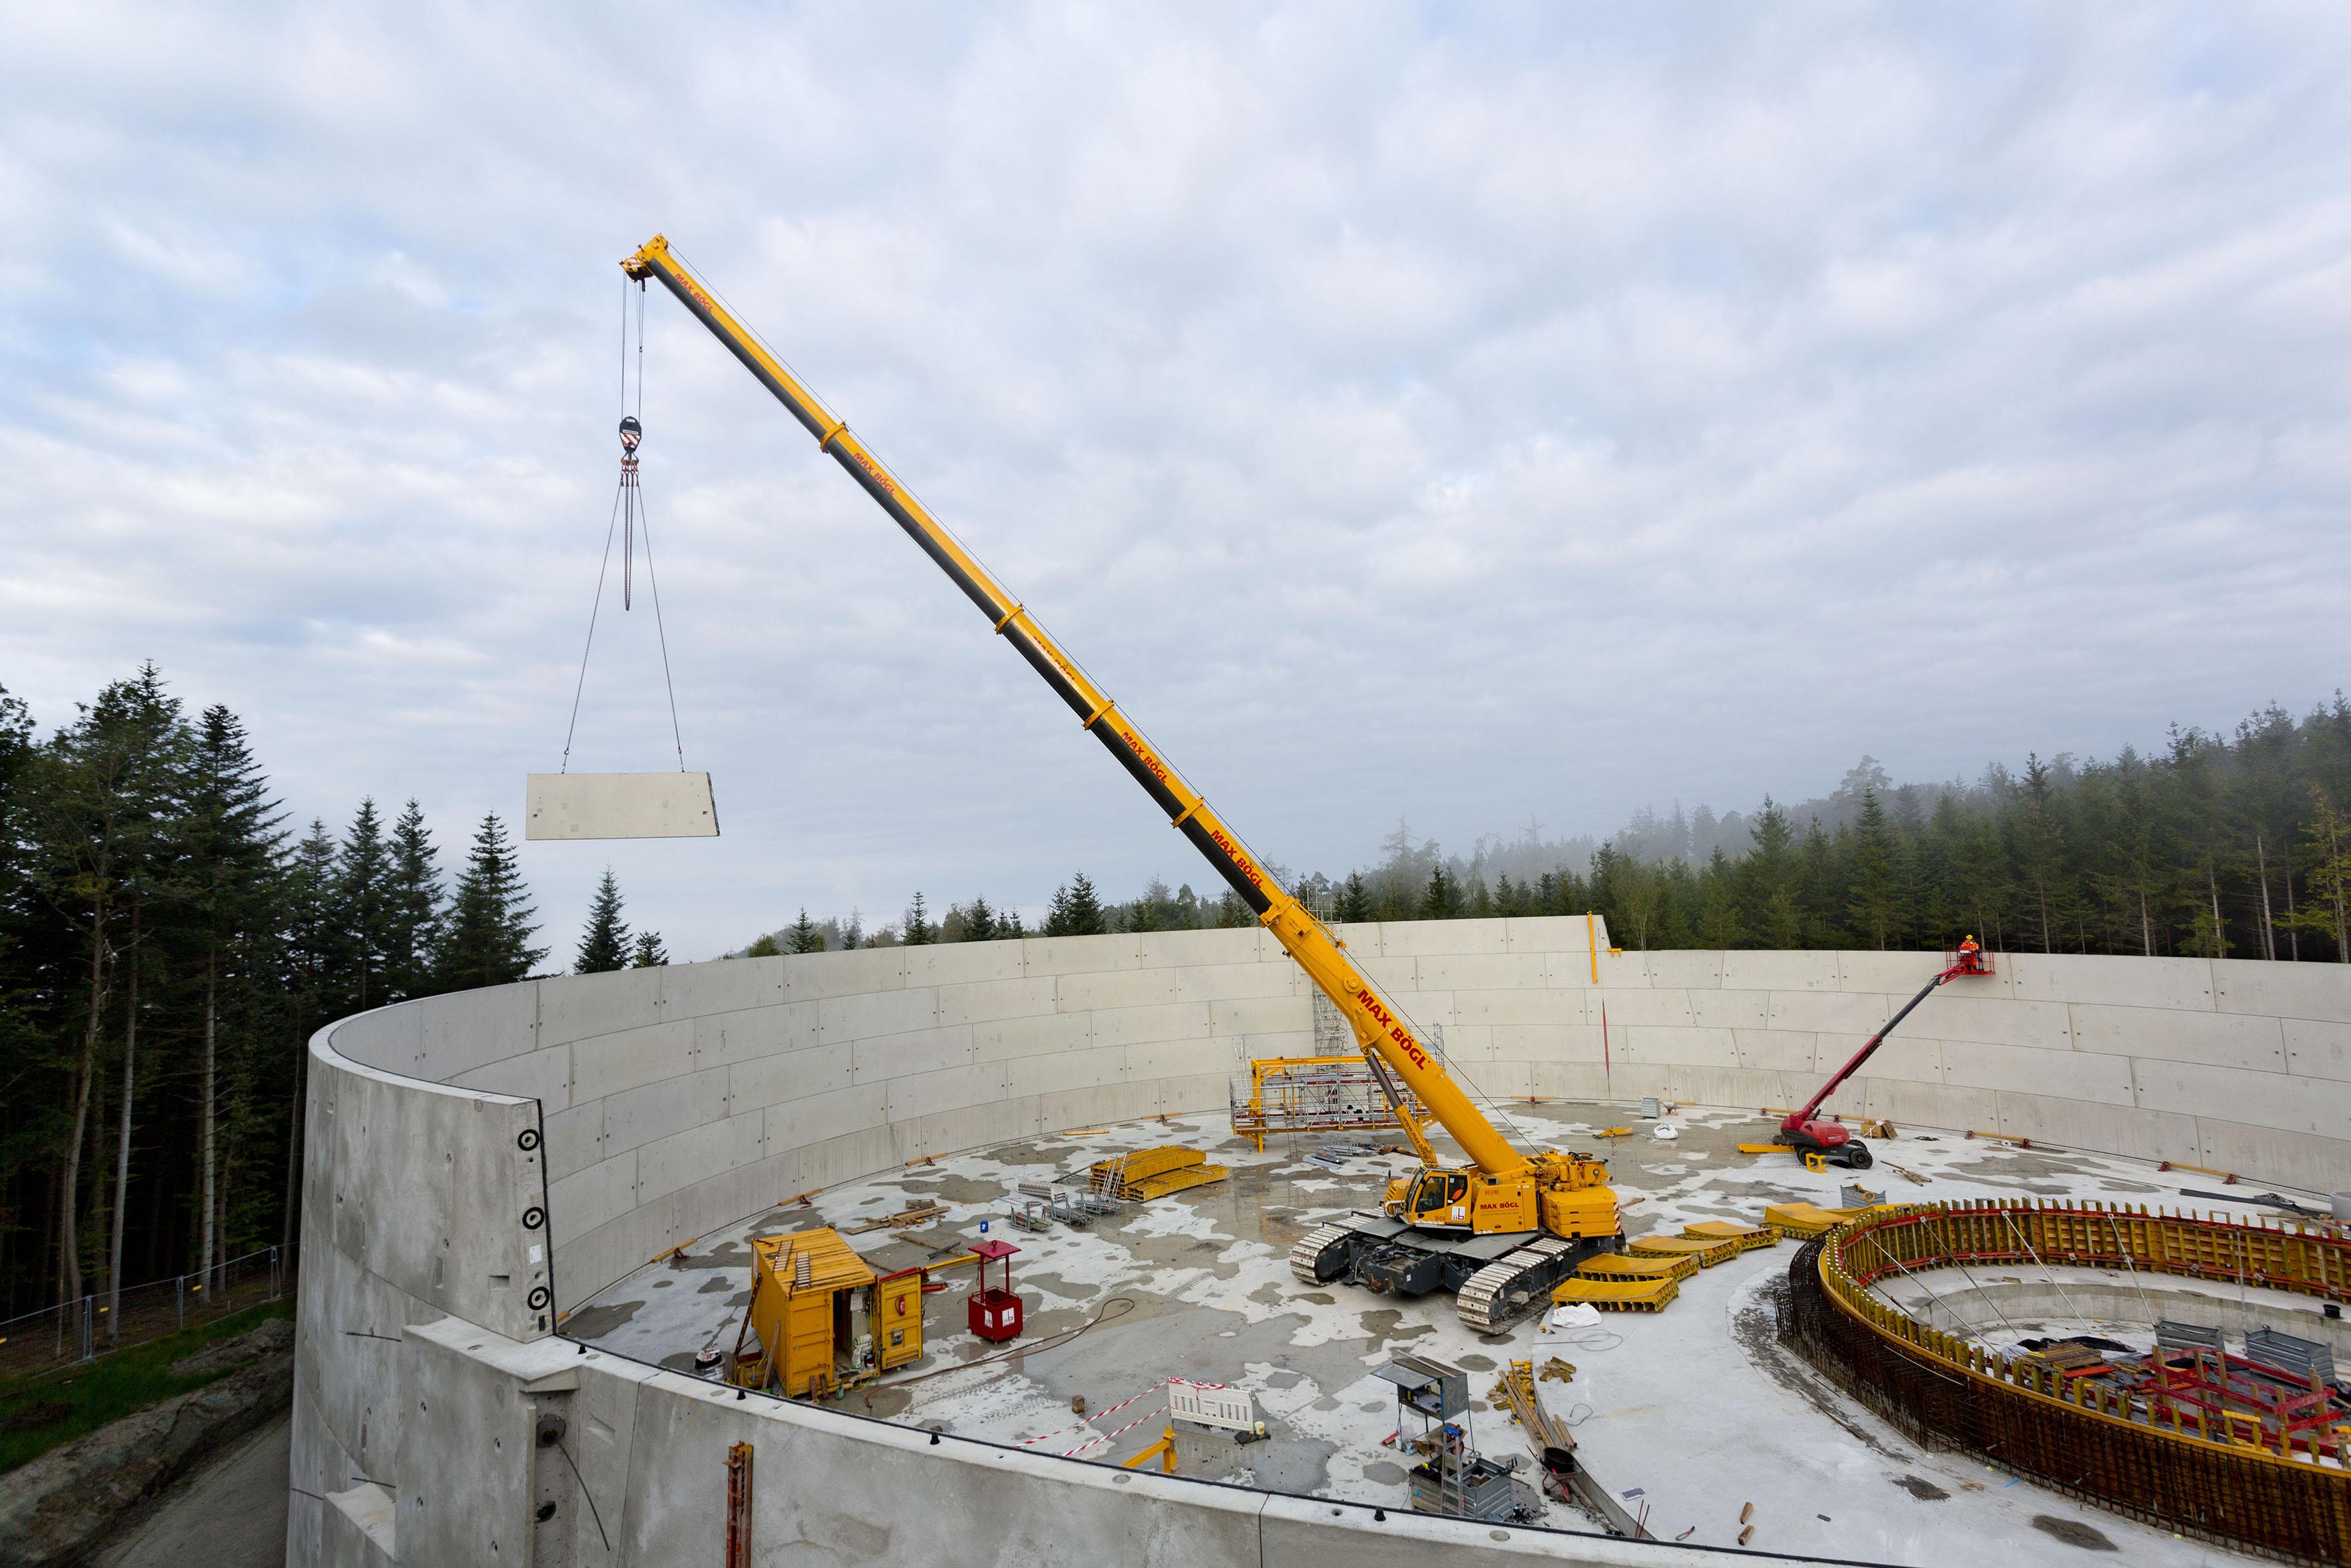 Der LTR 1220 hebt ein 12 Tonnen schweres Bauteil zur Montage. Aus rund 200 solcher Elemente bestehen die Wände der größten Wasserbecken.